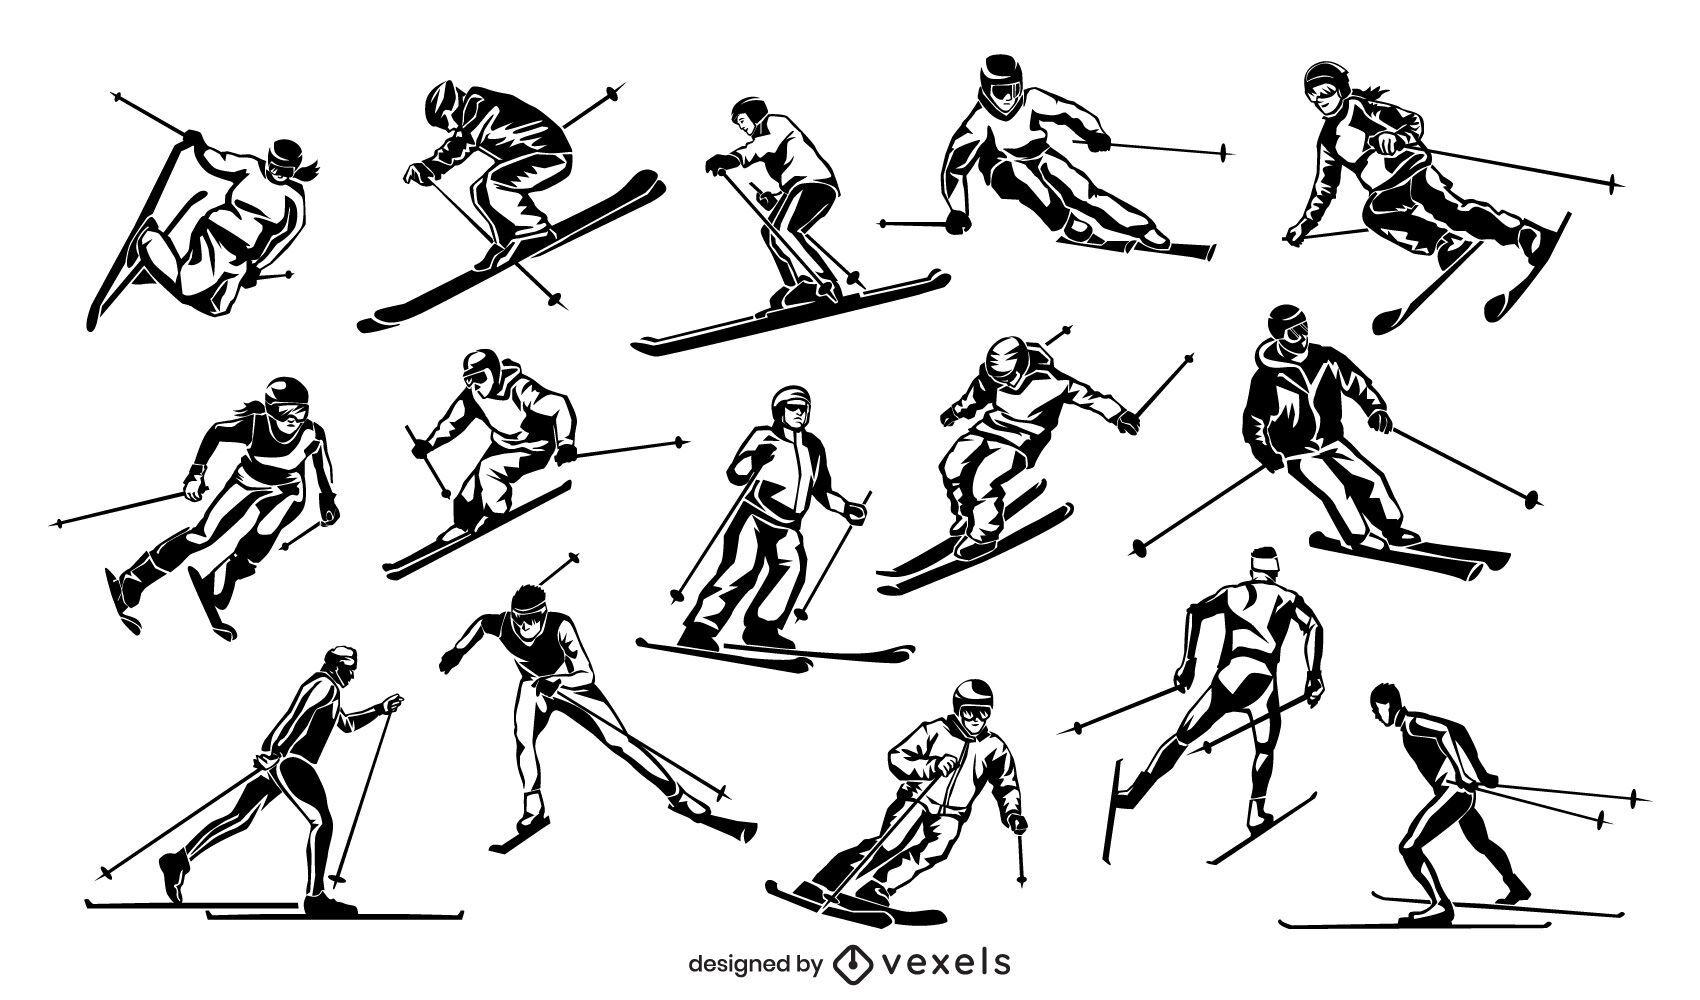 Skiing people illustration set